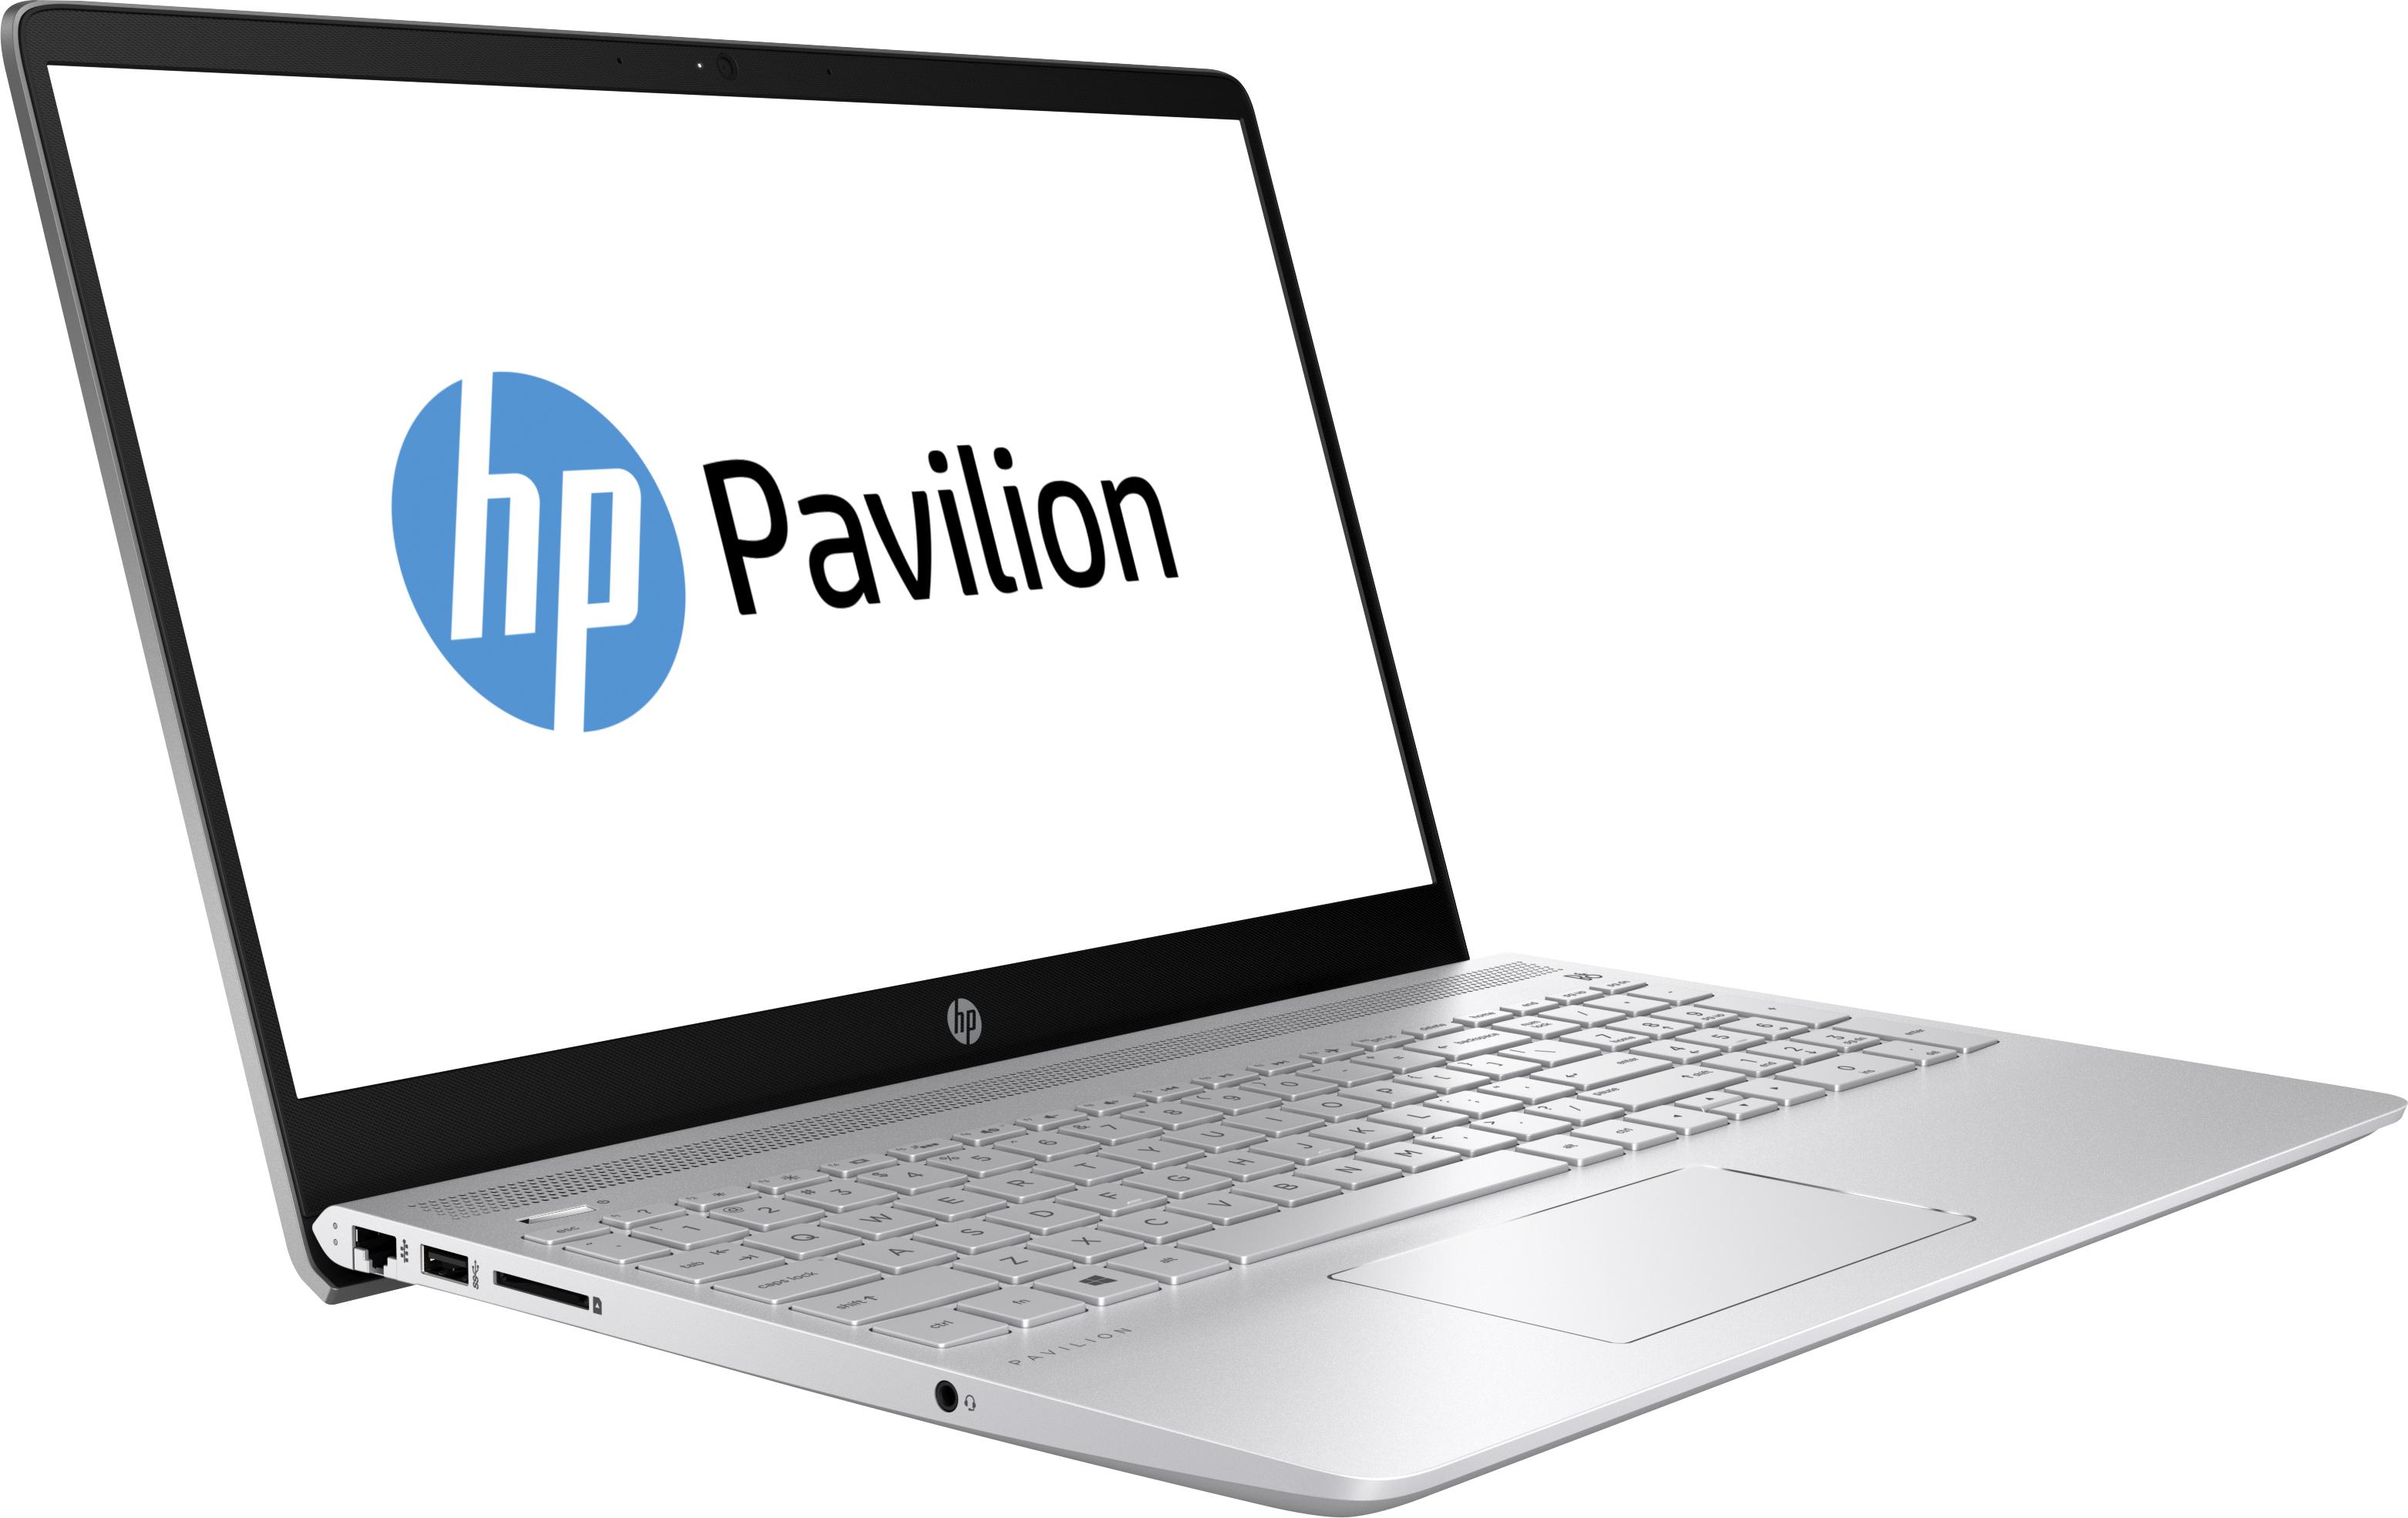 HP Pavilion 15-ck093nd - Kenmerken - Tweakers